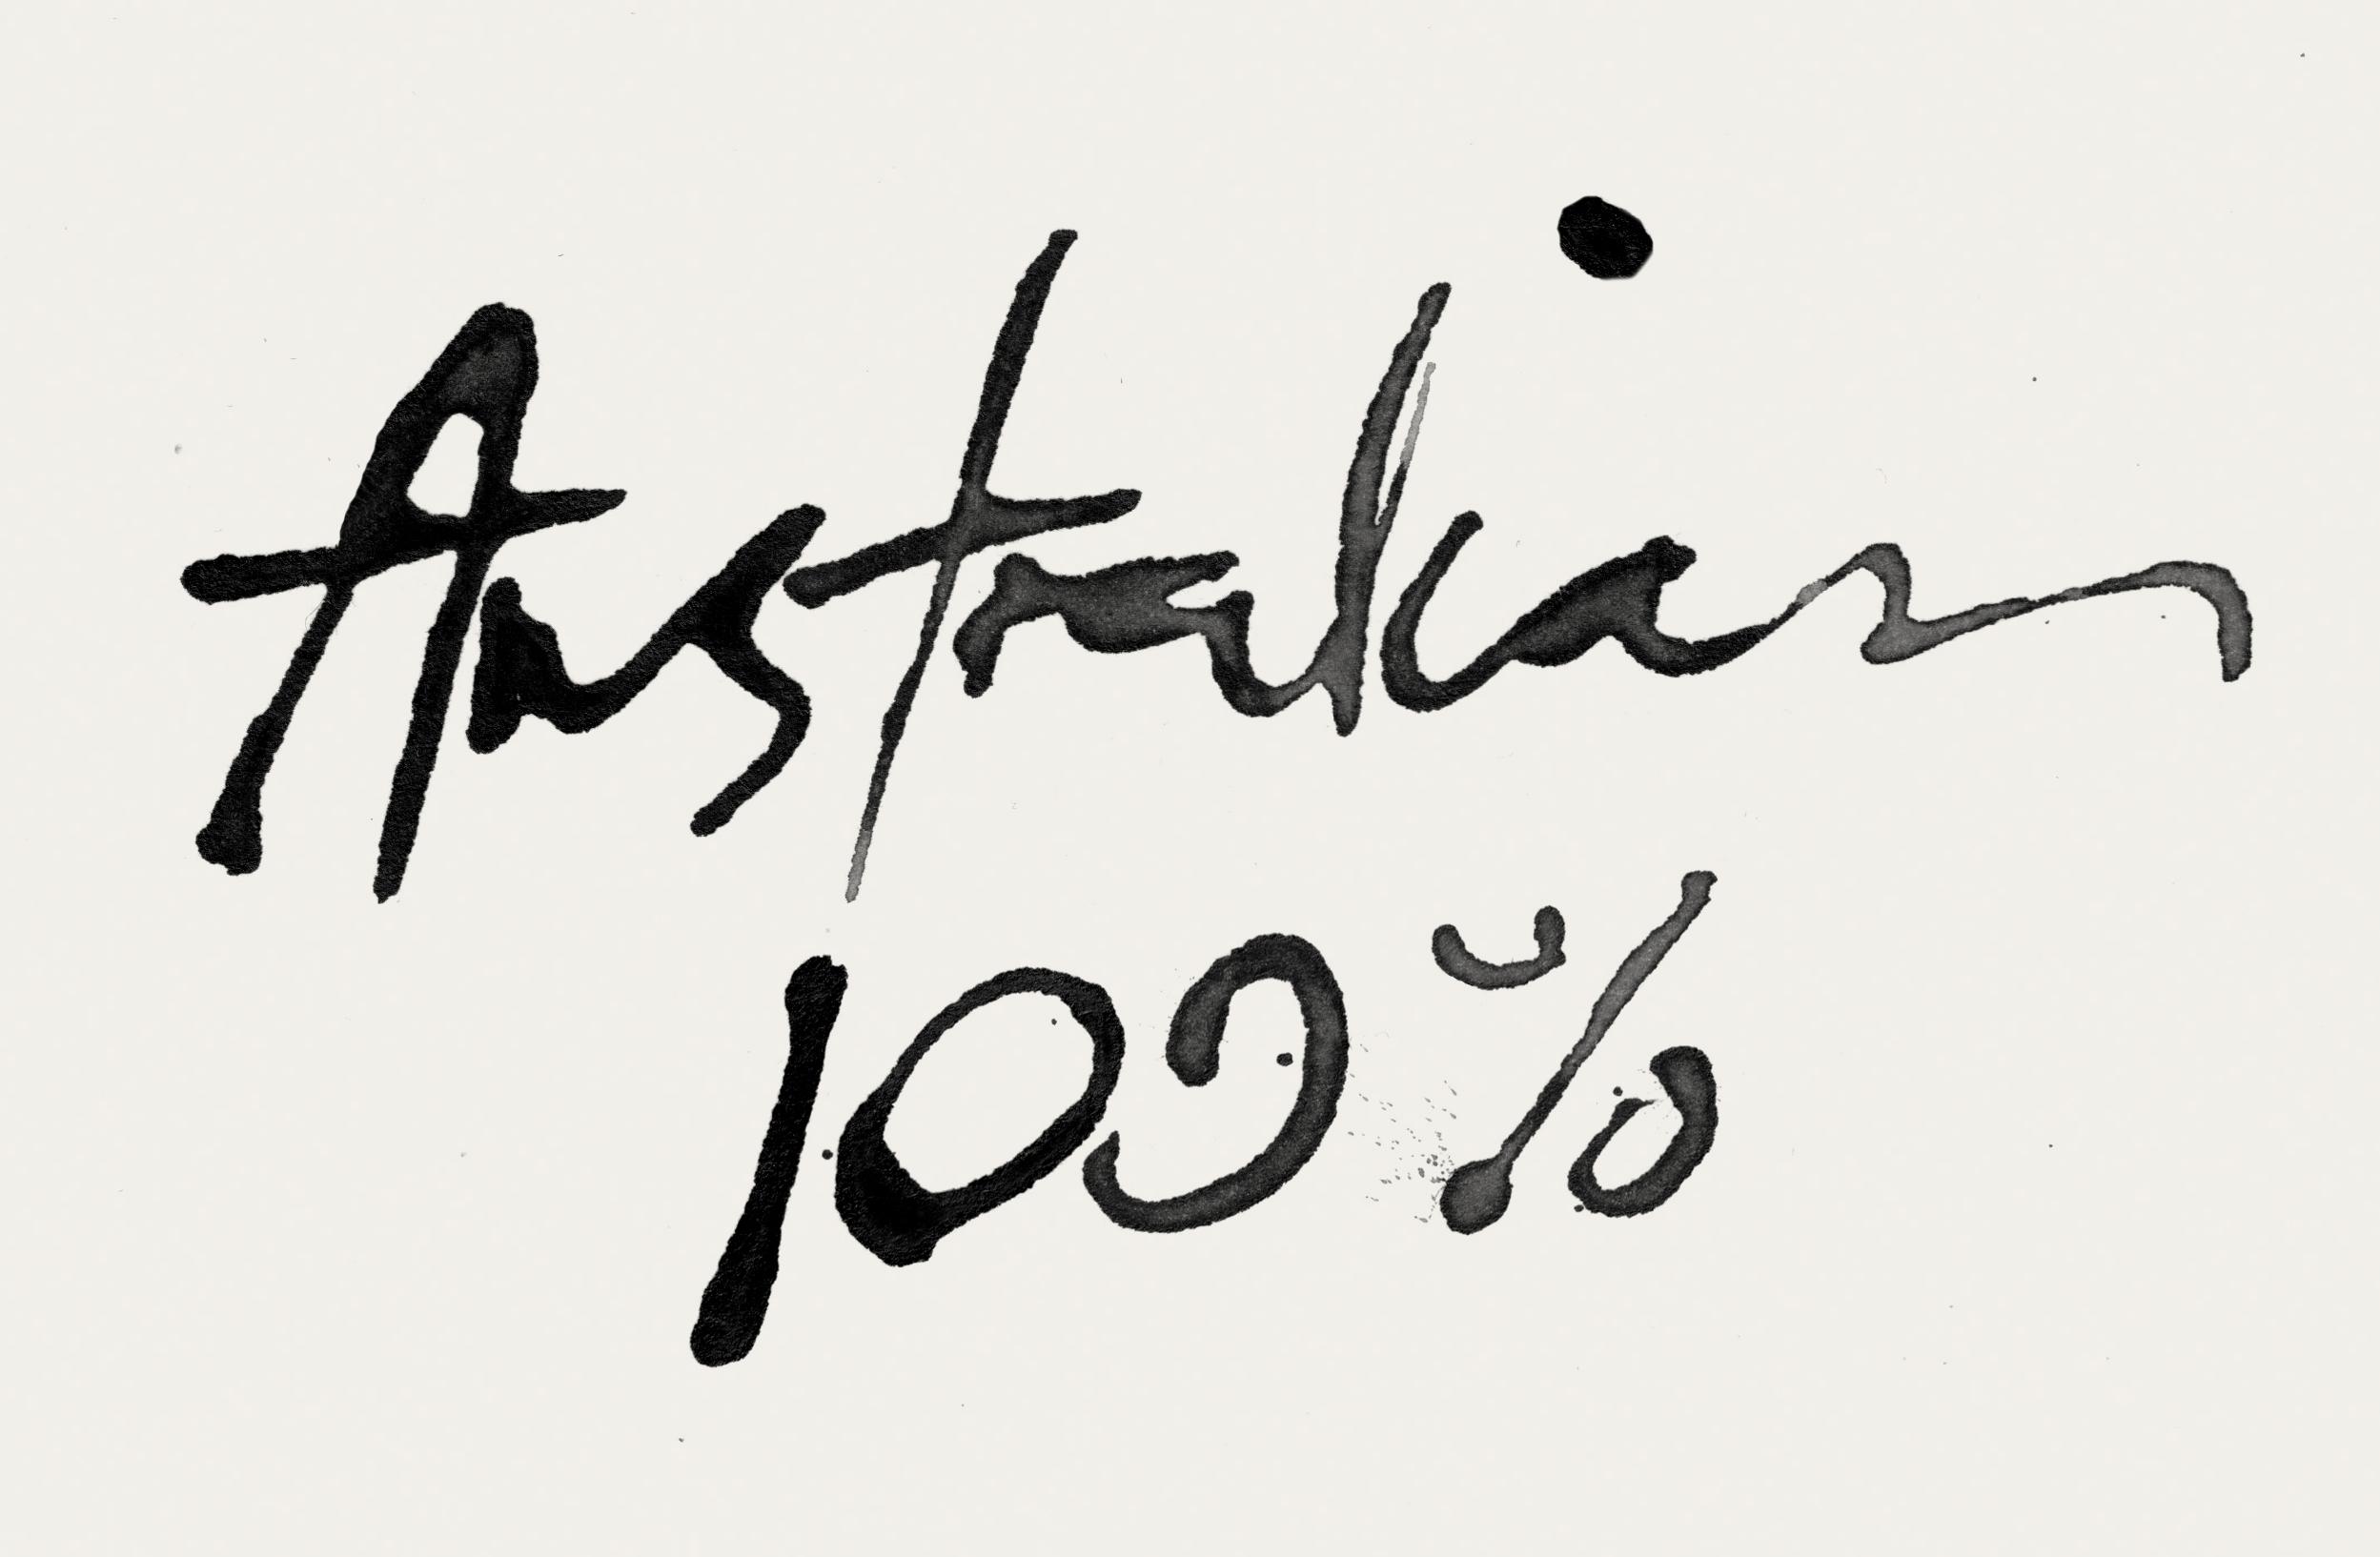 100%-Australian-2-CROPPED-2.jpg